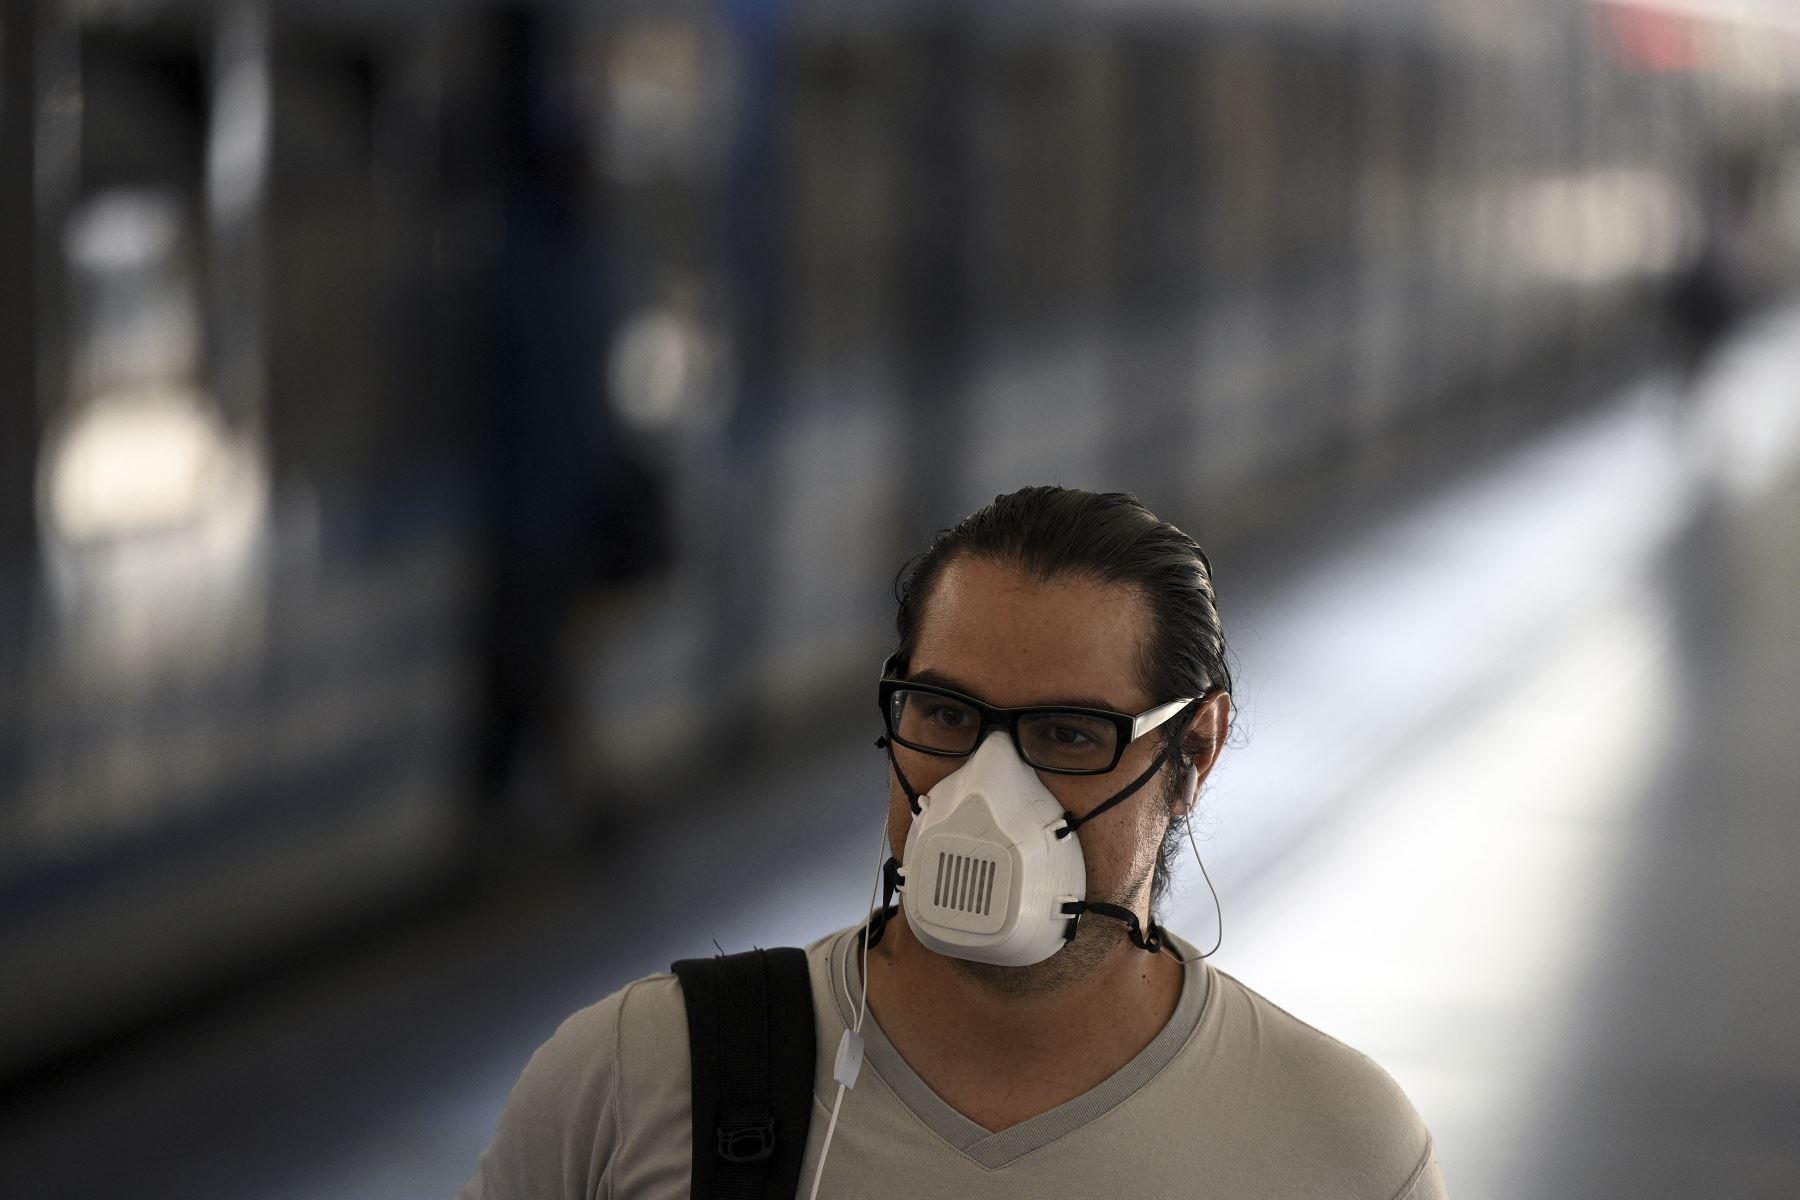 Un hombre con mascarilla camina en la estación de tren Once de Buenos Aires, el 7 de abril de 2021, en medio de la pandemia del nuevo coronavirus. Foto: AFP